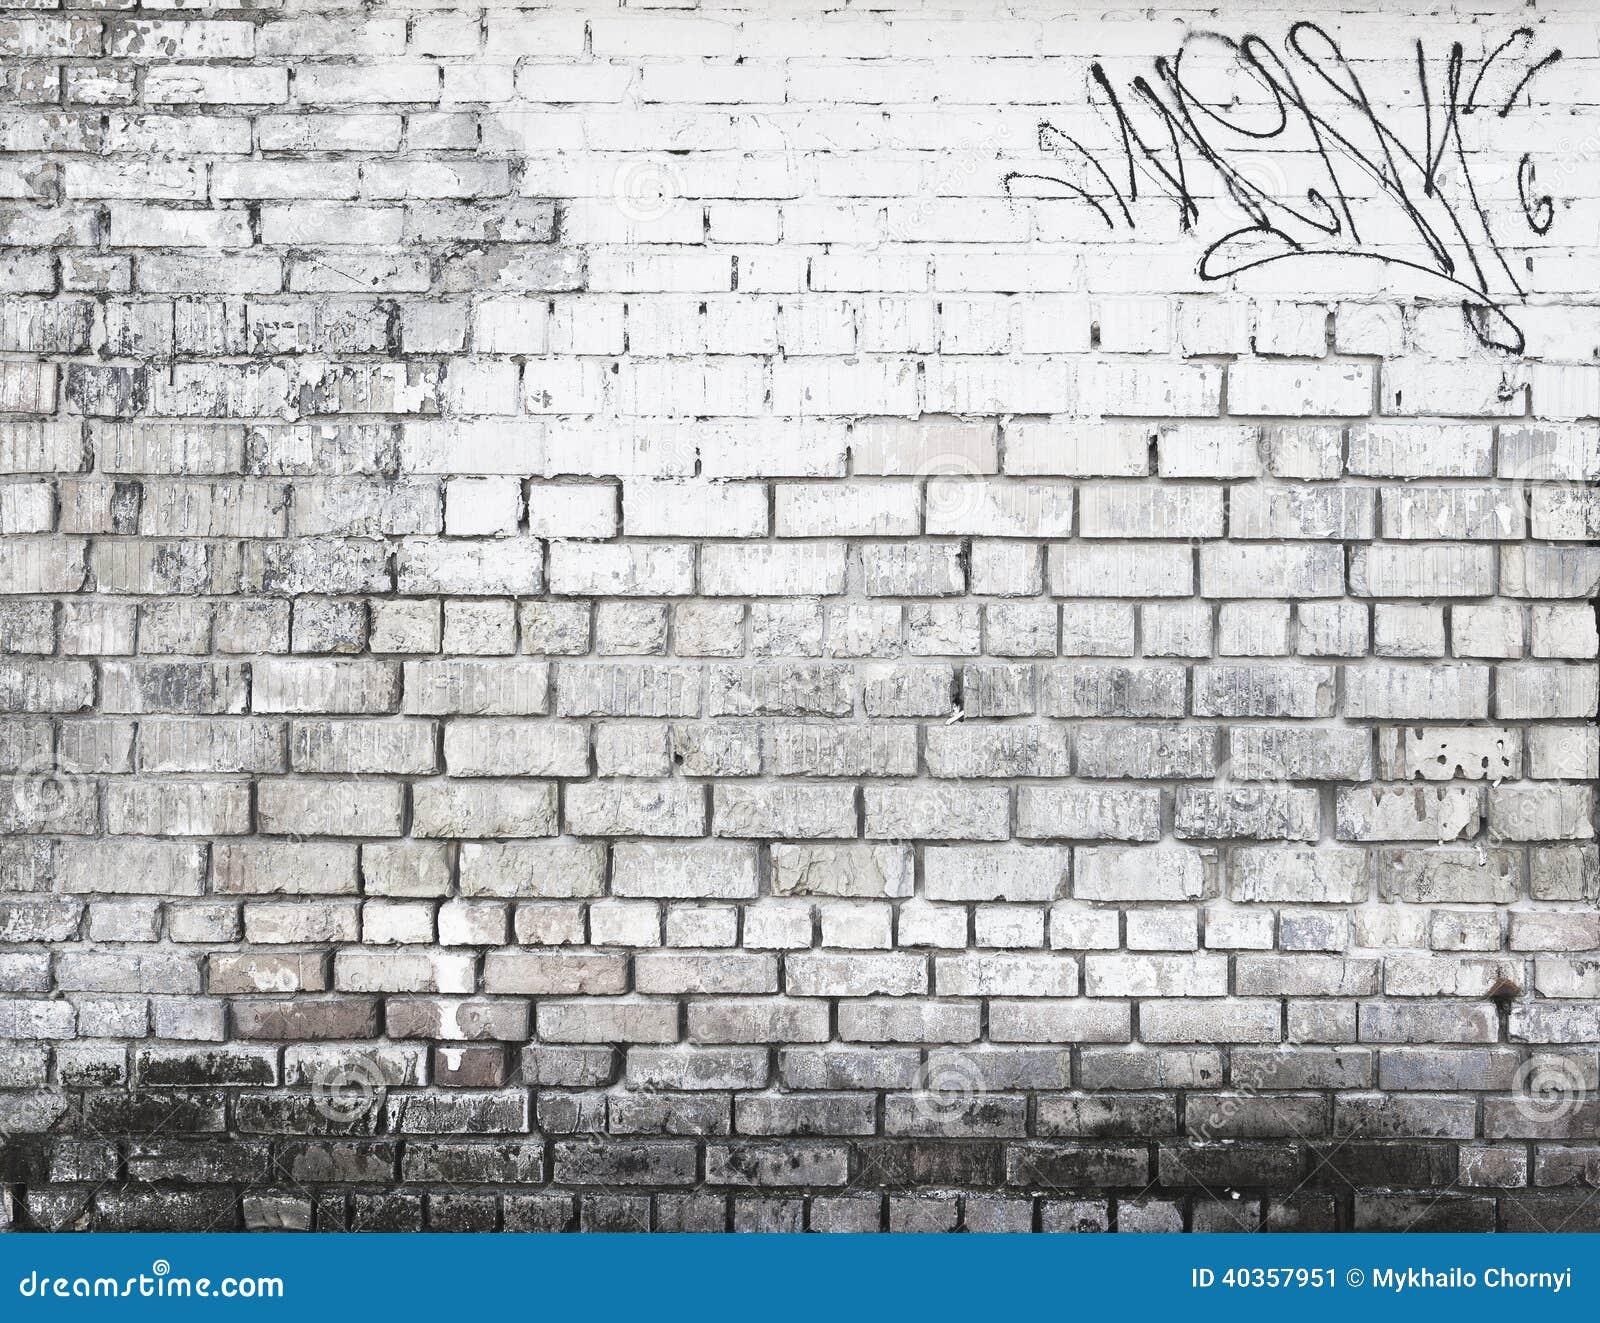 Pared de ladrillo en blanco y negro foto de archivo - Pared ladrillo blanco ...